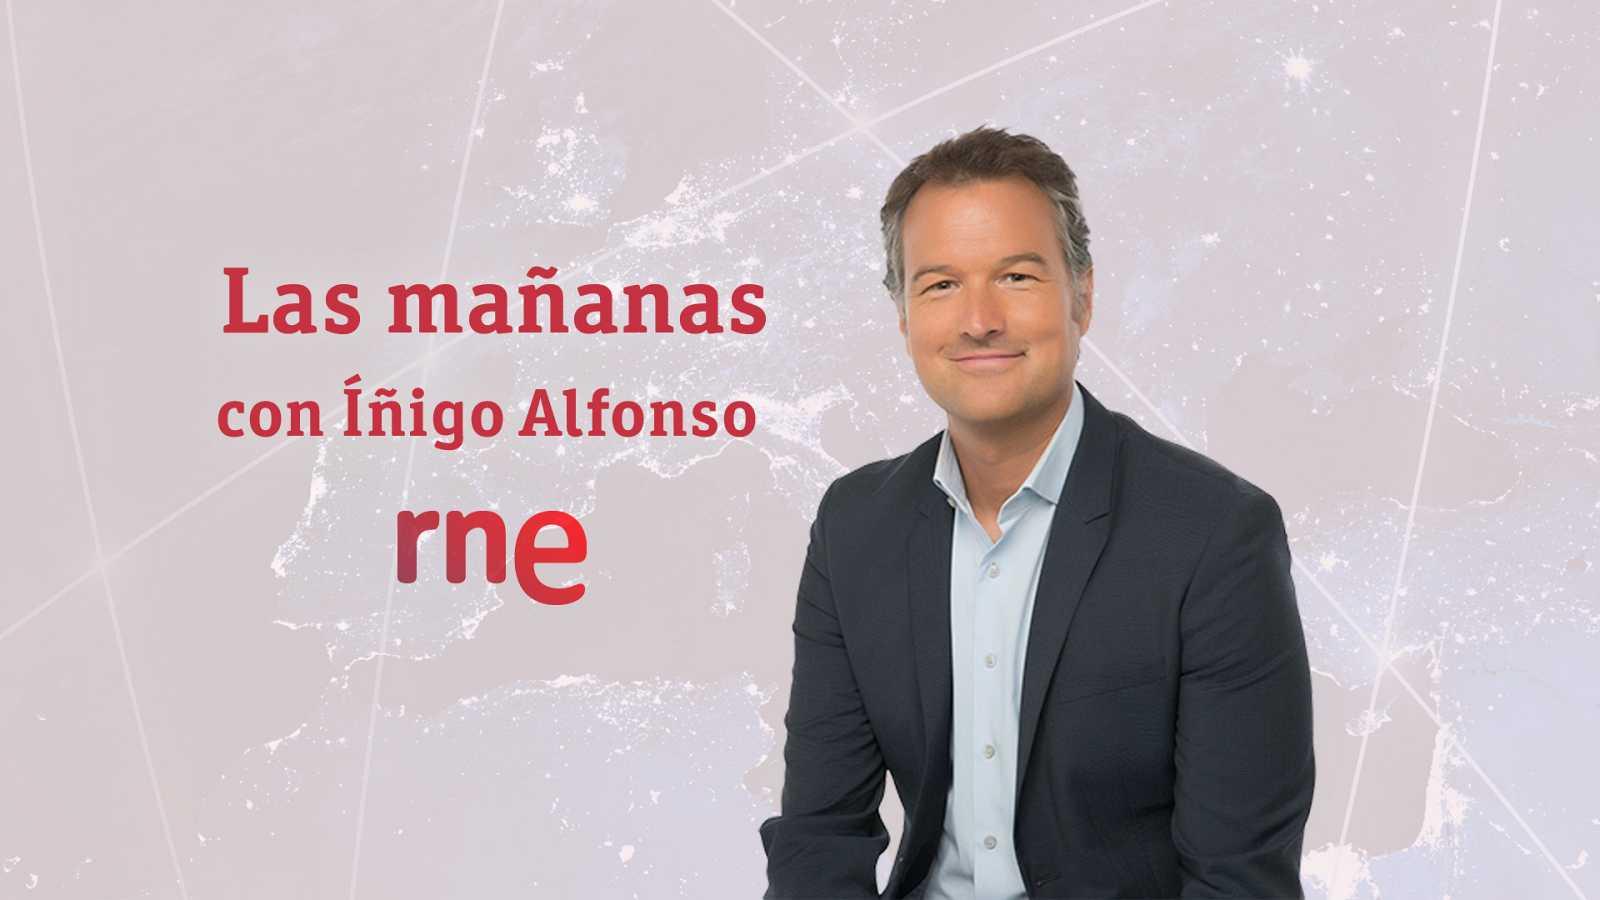 Las mañanas de RNE con Íñigo Alfonso - Segunda hora - 02/07/20 - escuchar ahora